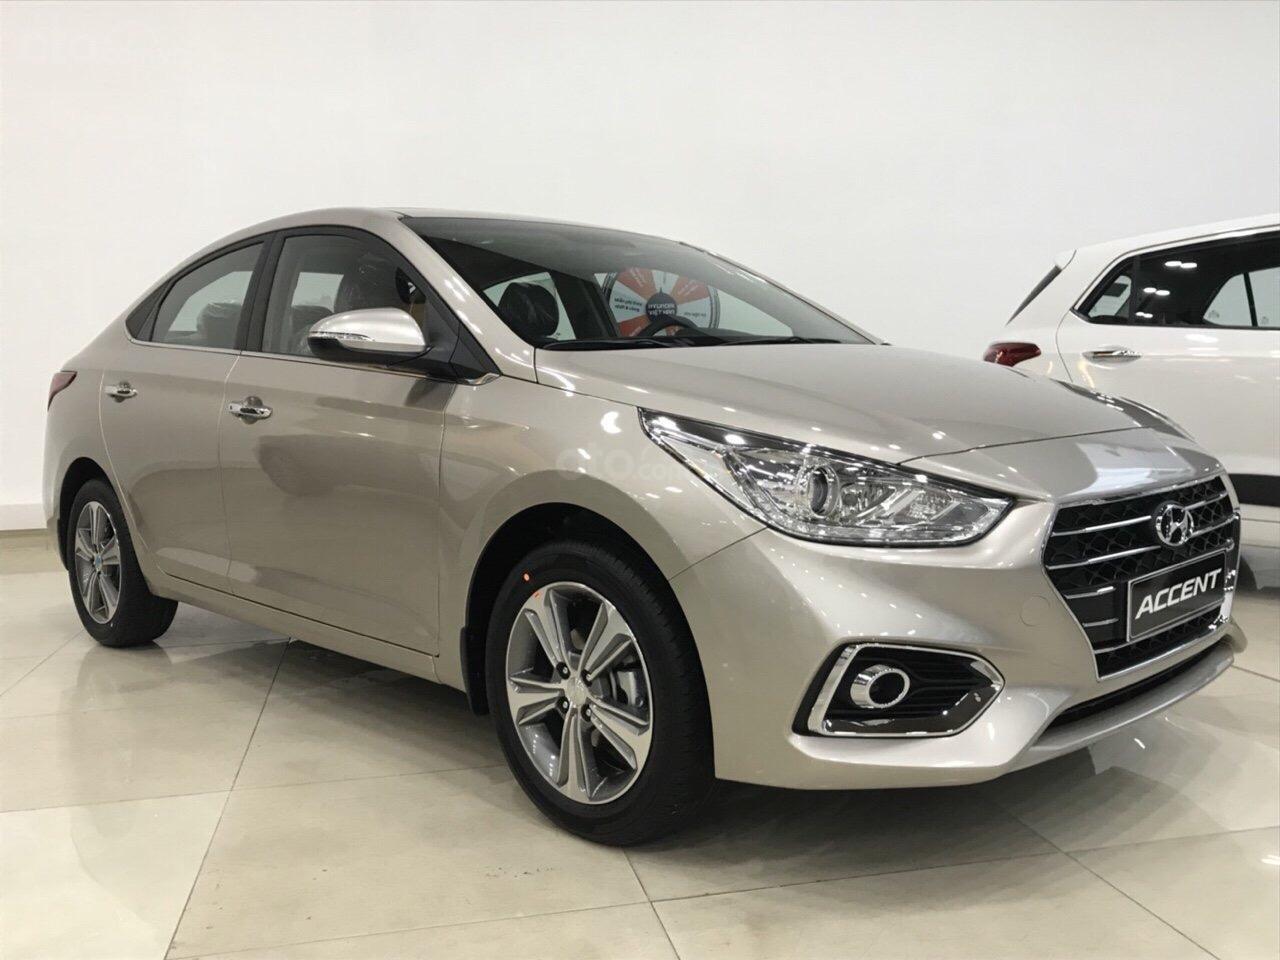 Hyundai Accent 2019 đủ màu, xe giao ngay - LH 0358406866 (1)